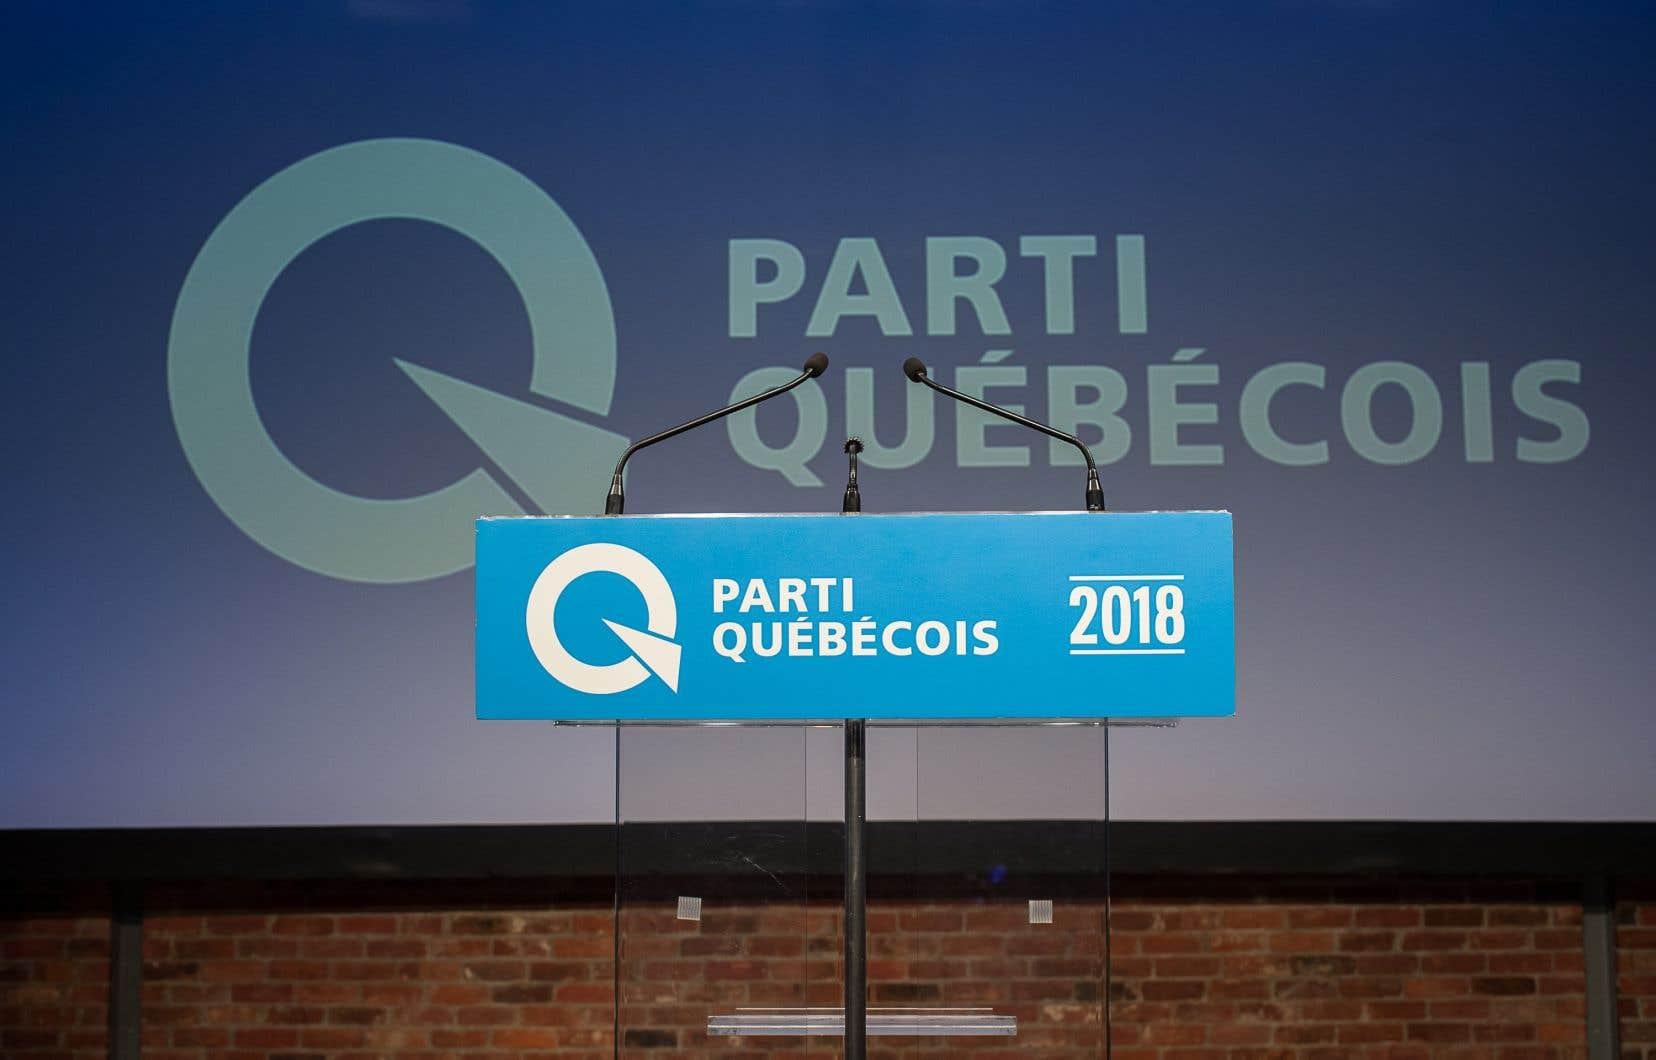 «Les membres d'un parti qui désignent leur leader choisissent surtout celle ou celui qui incarnera leur projet auprès d'un électorat à convaincre», dit l'auteur.